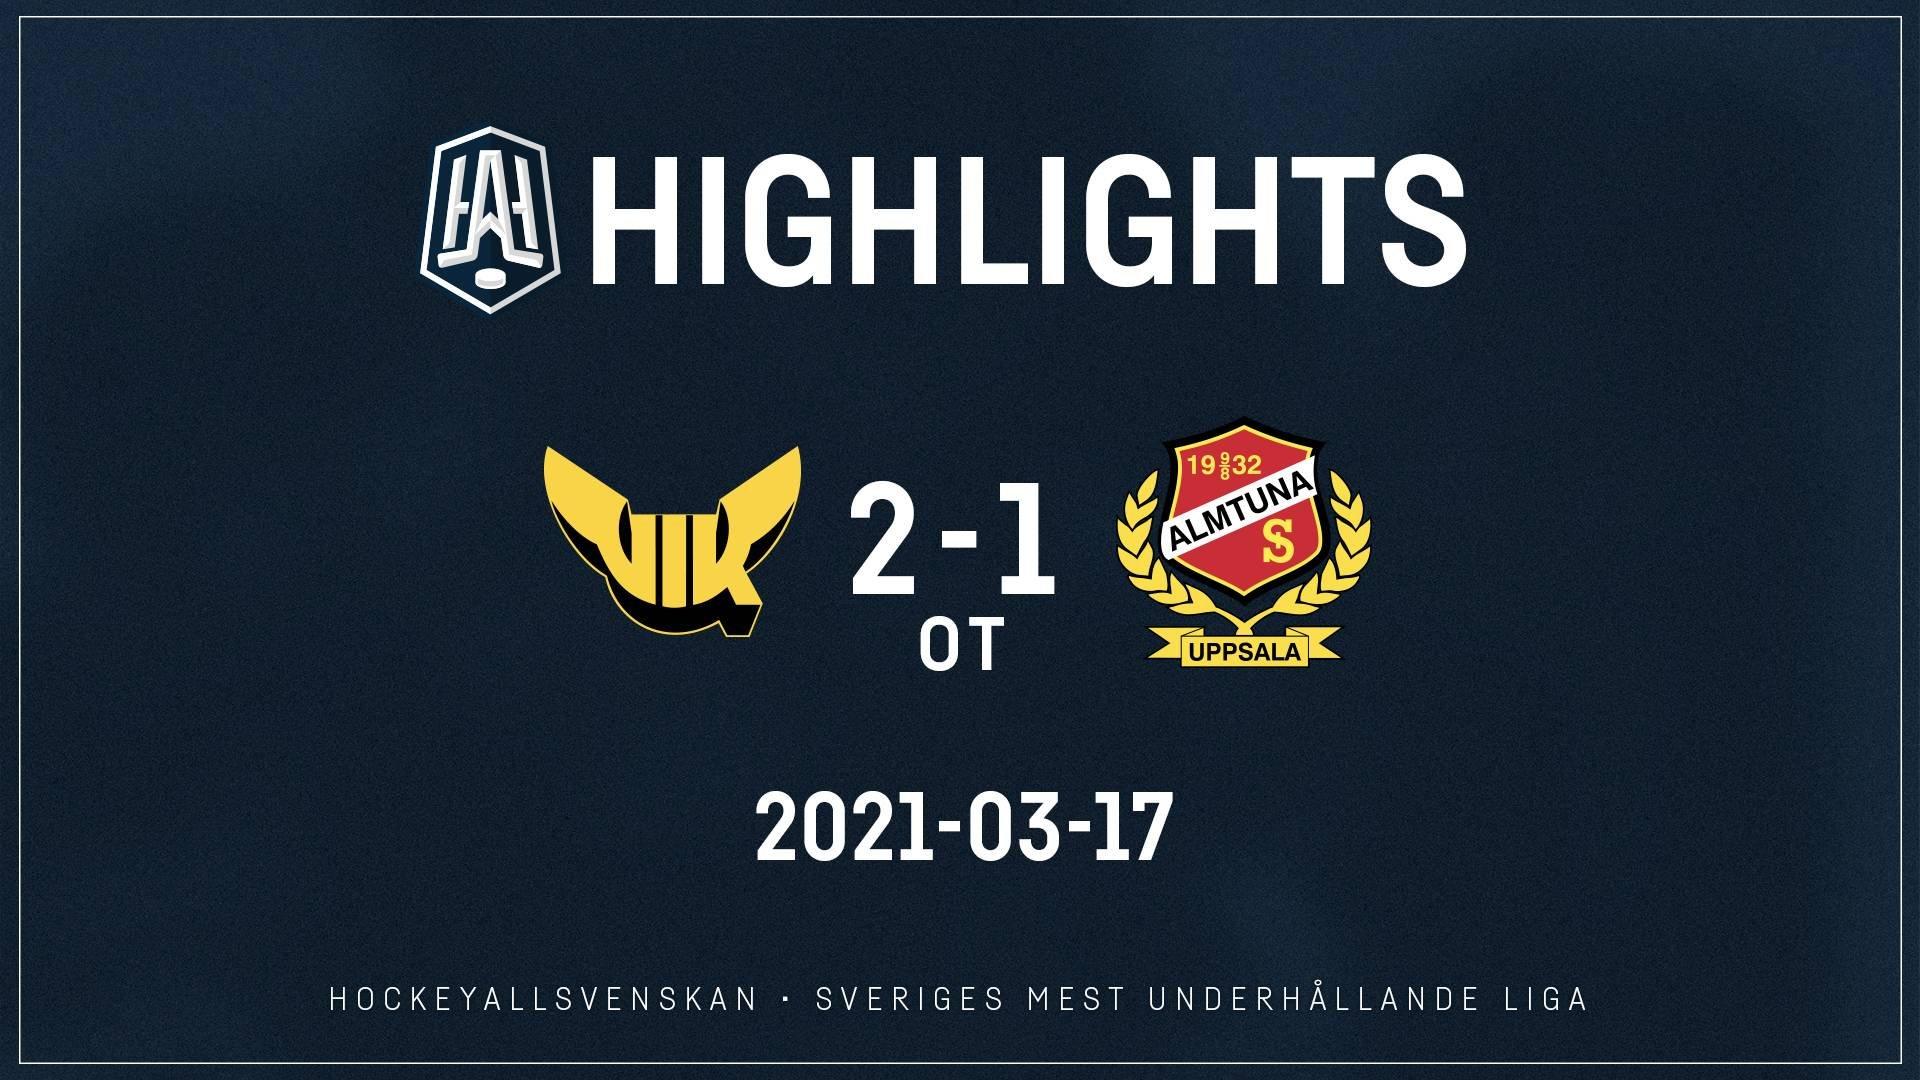 2021-03-17 Västerås - Almtuna 2-1 (OT)